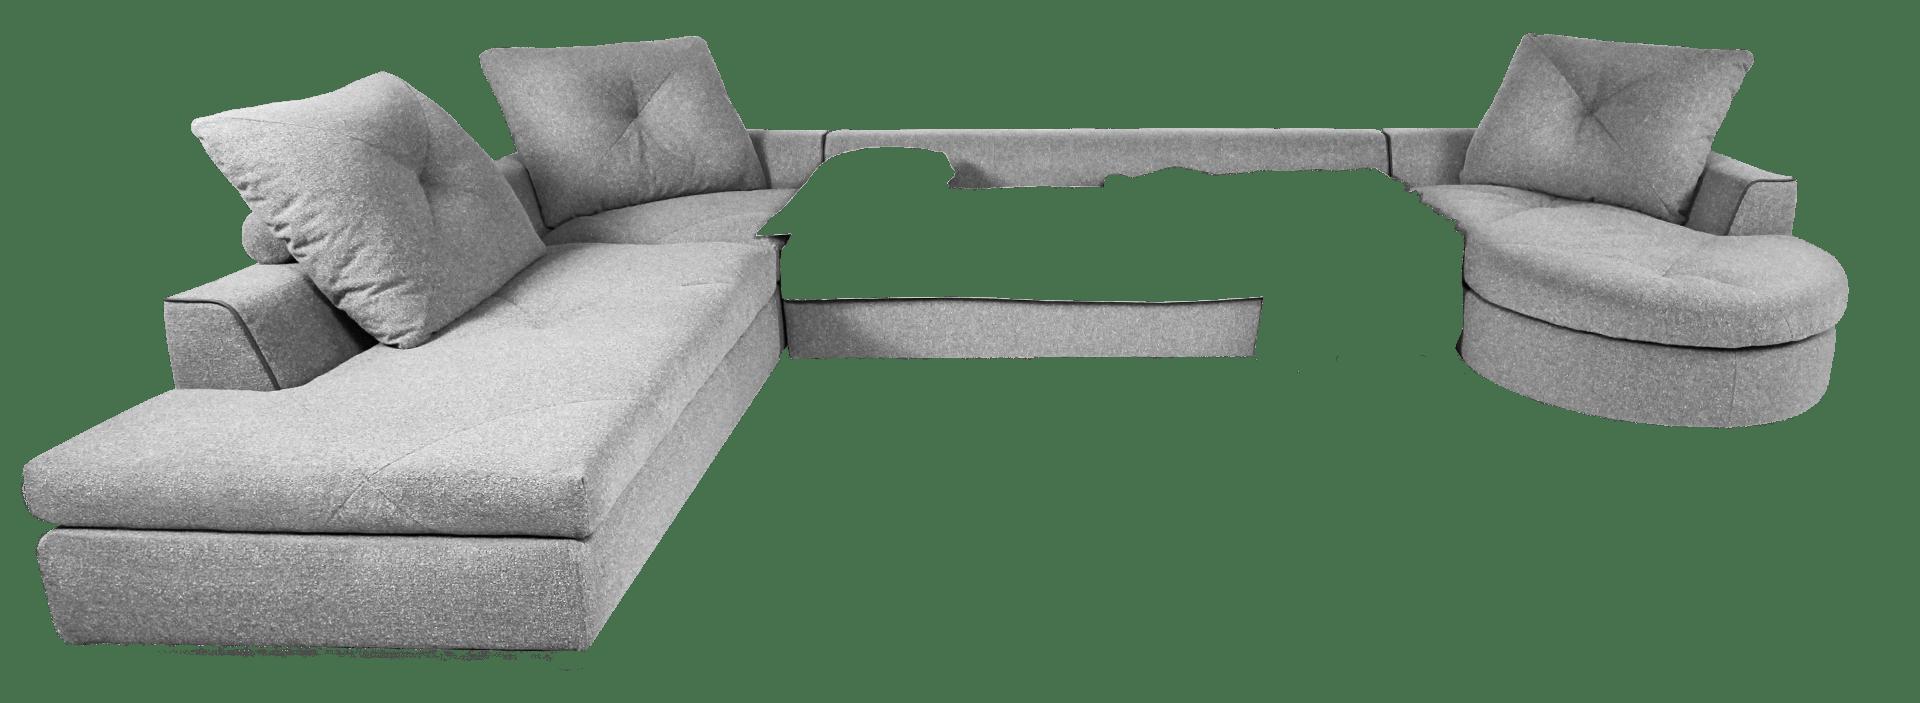 Модульный диван Вивальди с закругленным шезлонгом